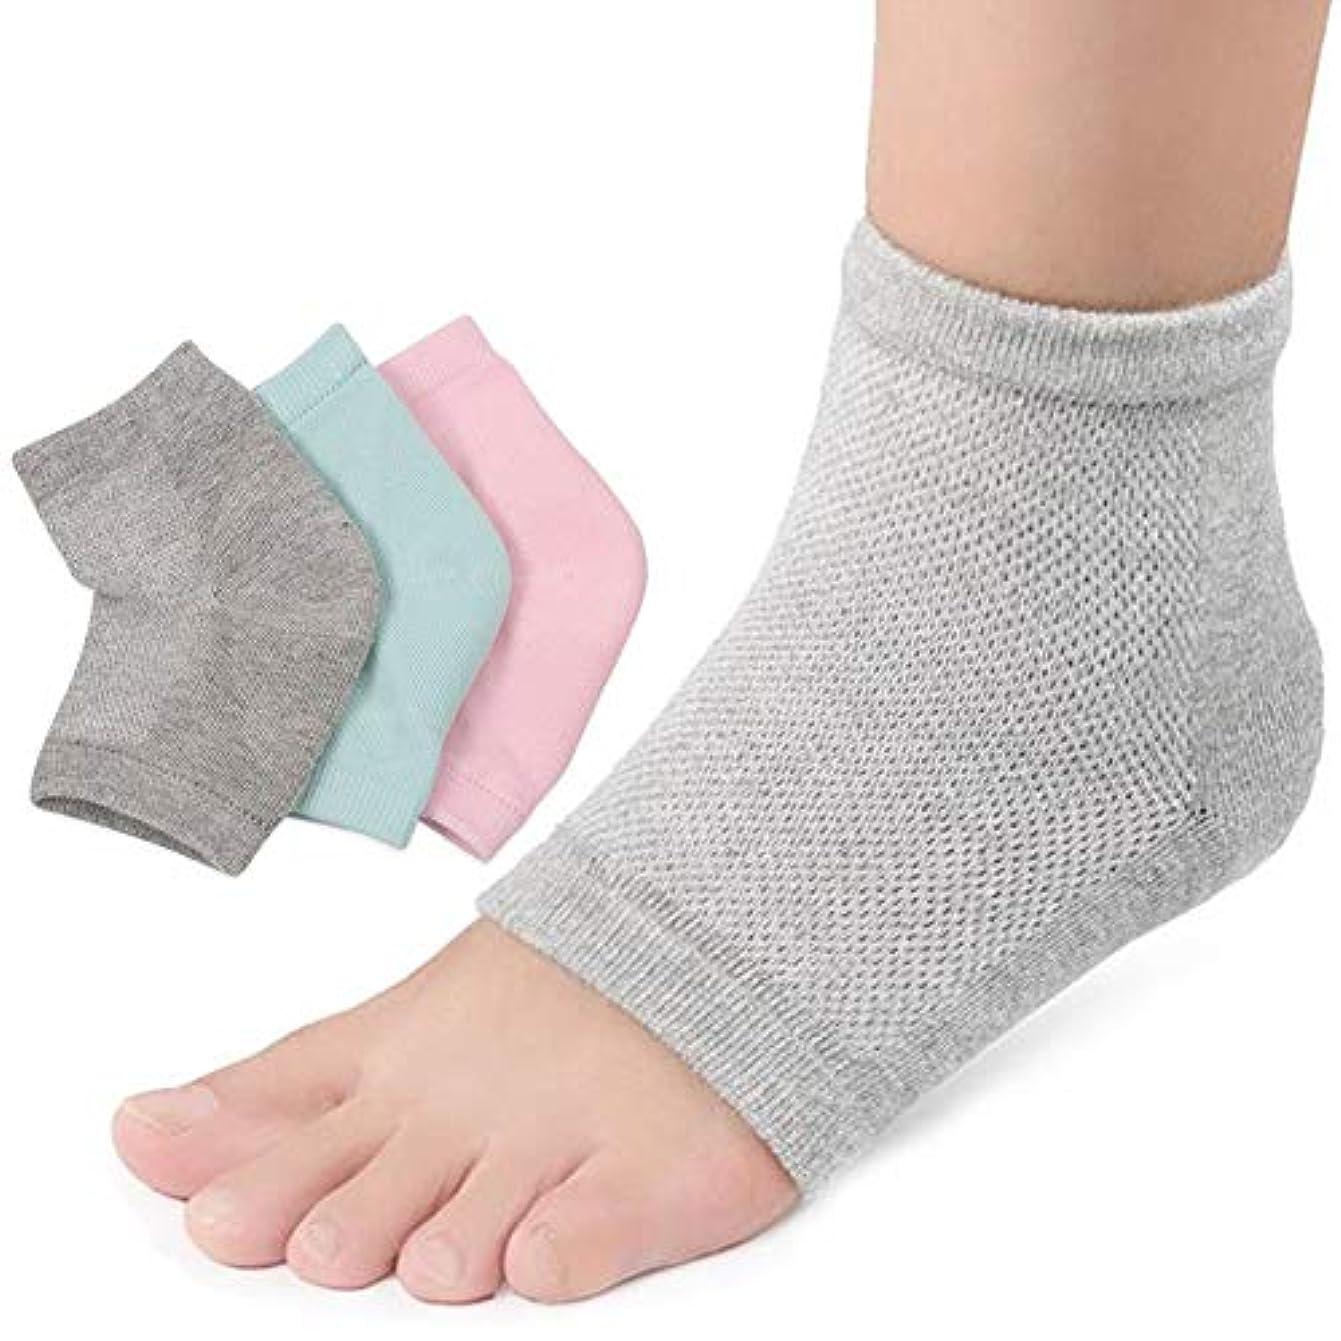 自分の力ですべてをするデマンド熟達した3足セットかかと 靴下 かかとケア つるつる ジェル 靴下 角質 ケア 保湿 美容 角質除去足ケア 男女兼用